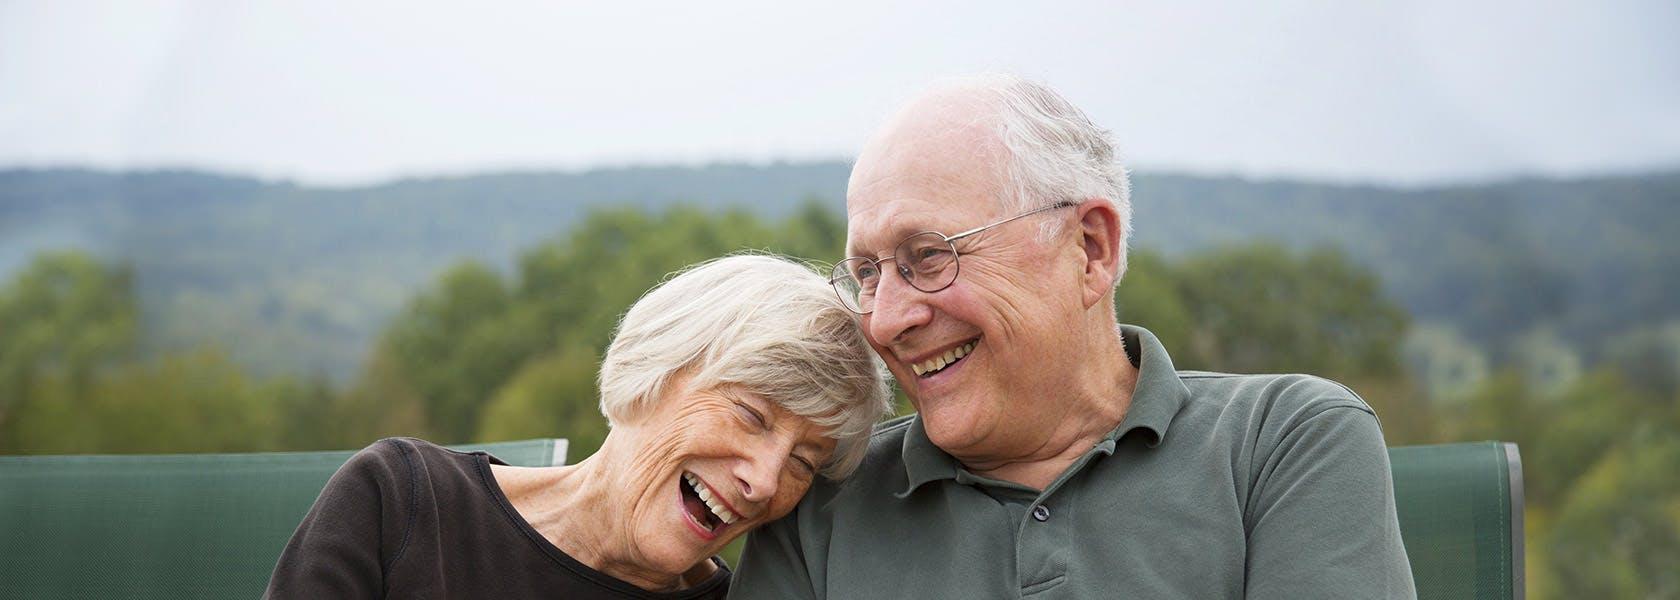 Una pareja de adultos mayores sonríen, sentados en un parque.